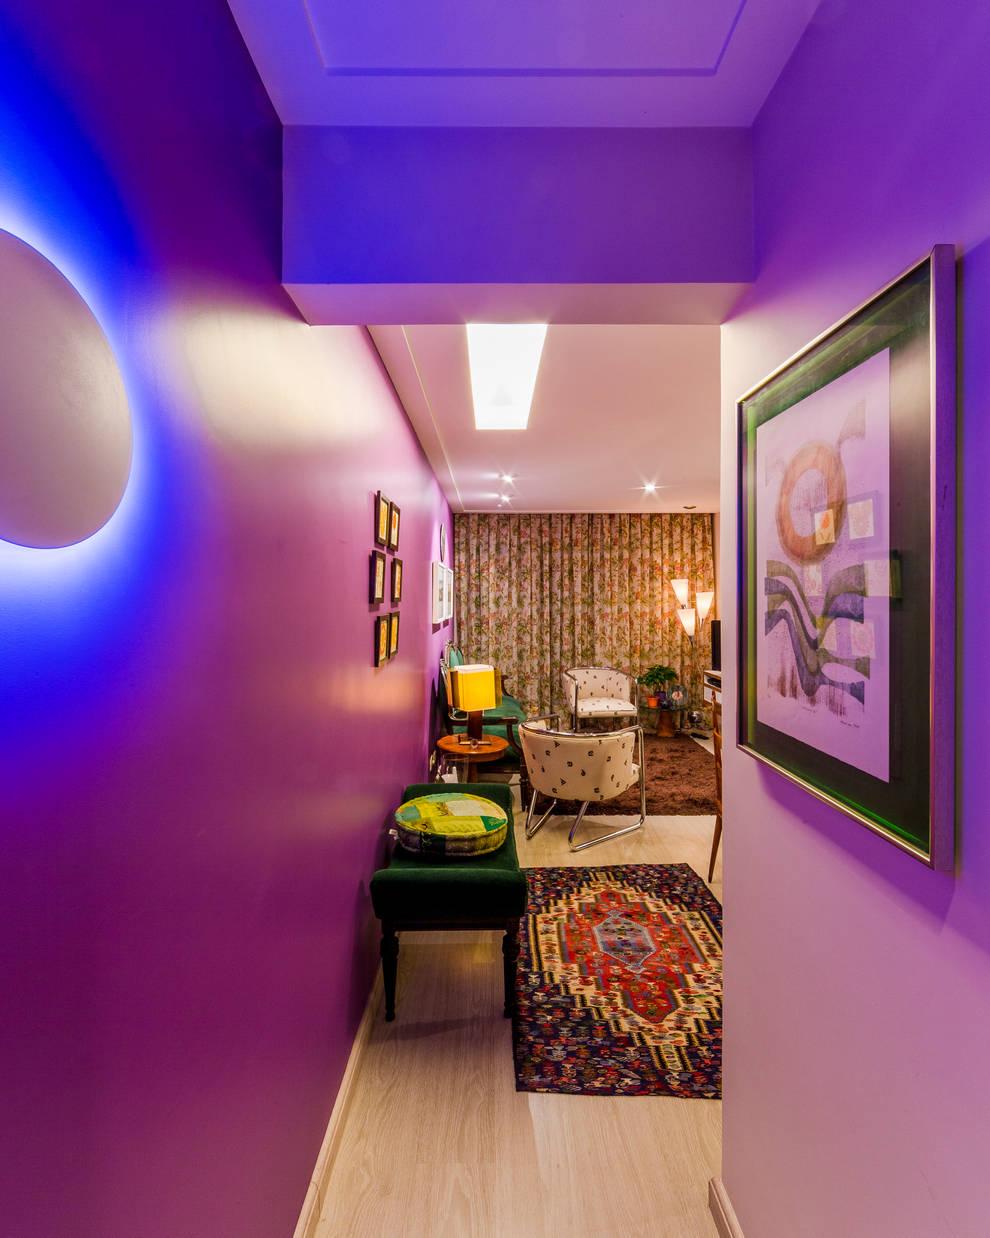 Hall de Entrada - Apartamento Eclético: Corredores e halls de entrada  por Enzo Sobocinski Arquitetura & Interiores